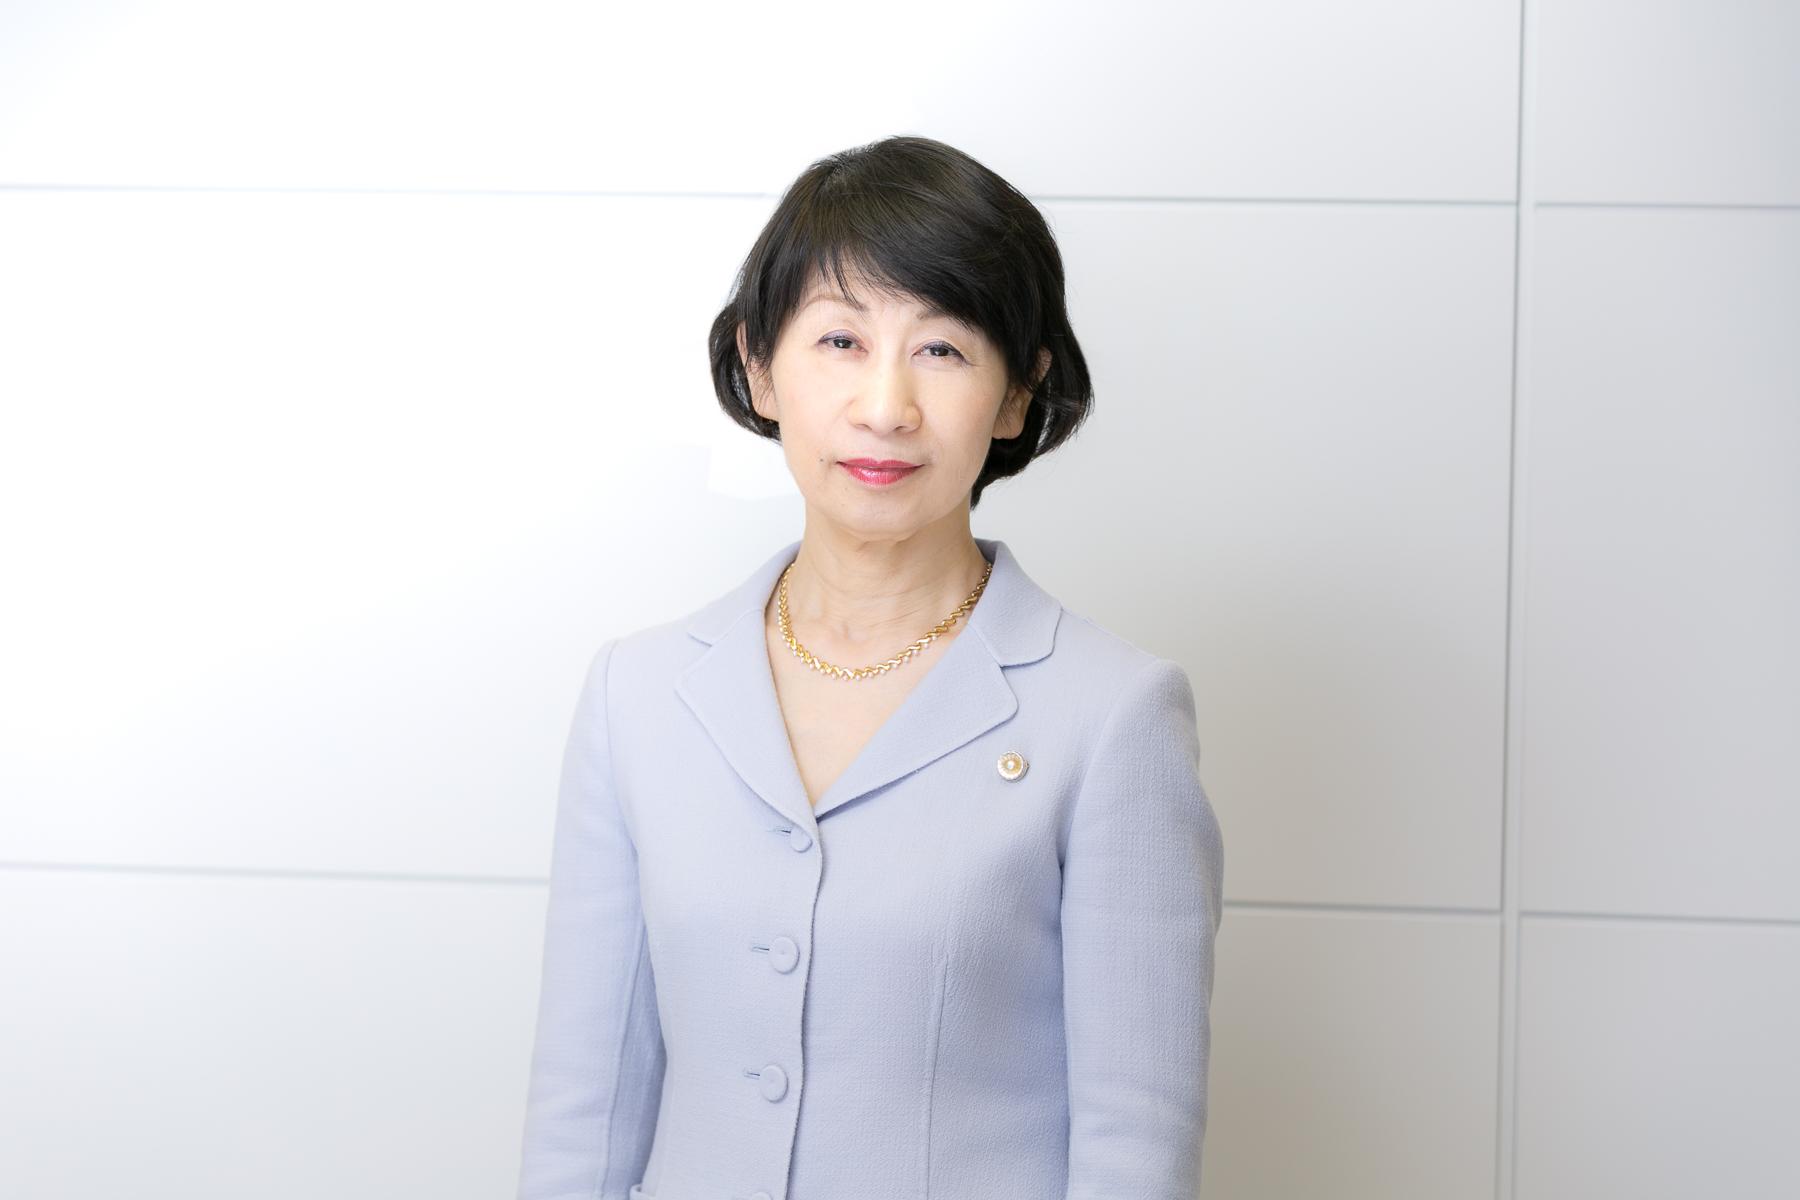 池田 桂子(いけだ・けいこ)